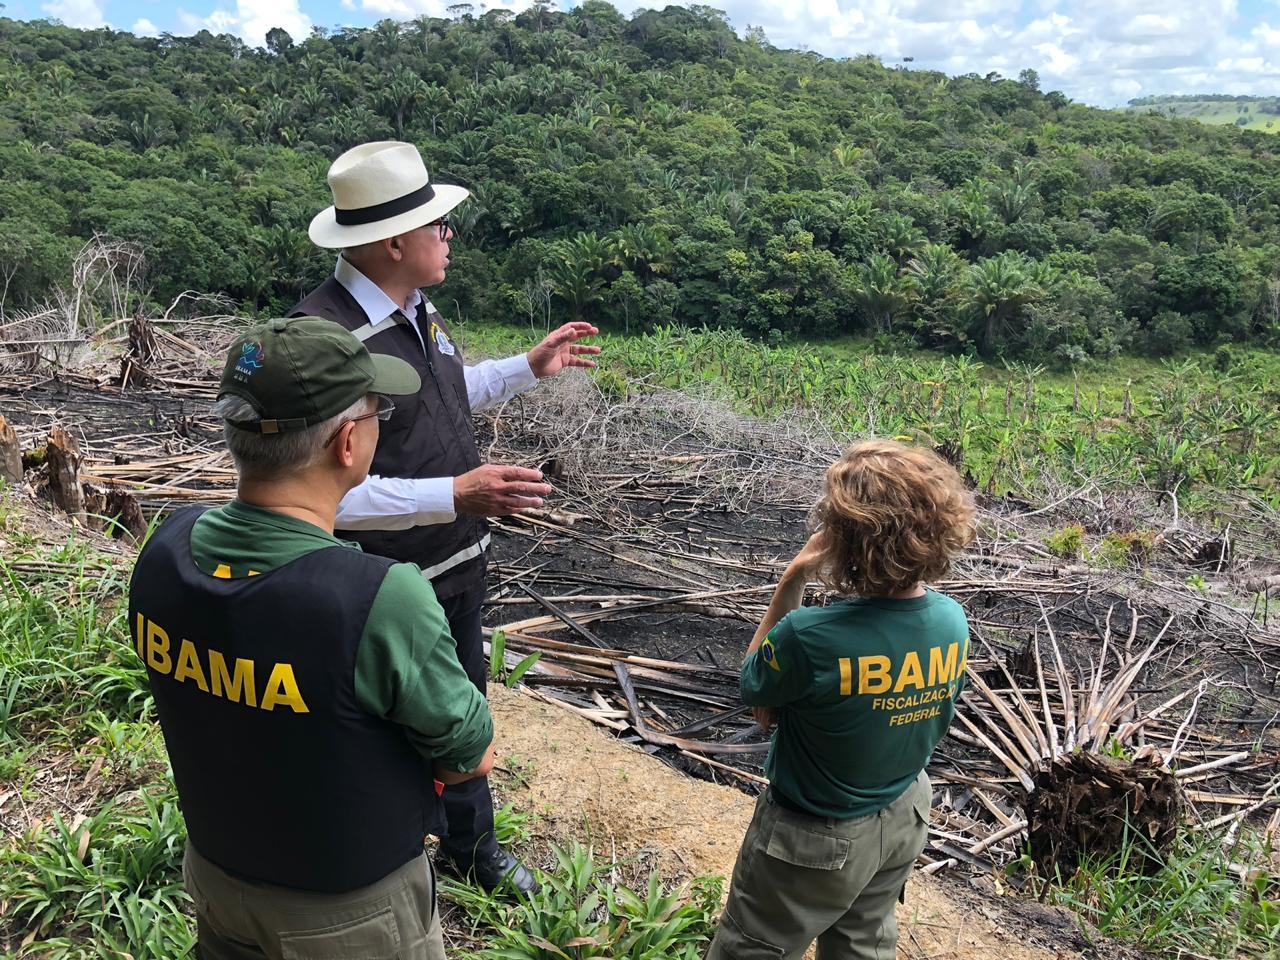 Operação coordenada pelo Ministério Público para combater desmatamento da Mata Atlântica em Alagoas: estado reduz desflorestamento no bioma (Foto: MPAL - 16/09/2019)